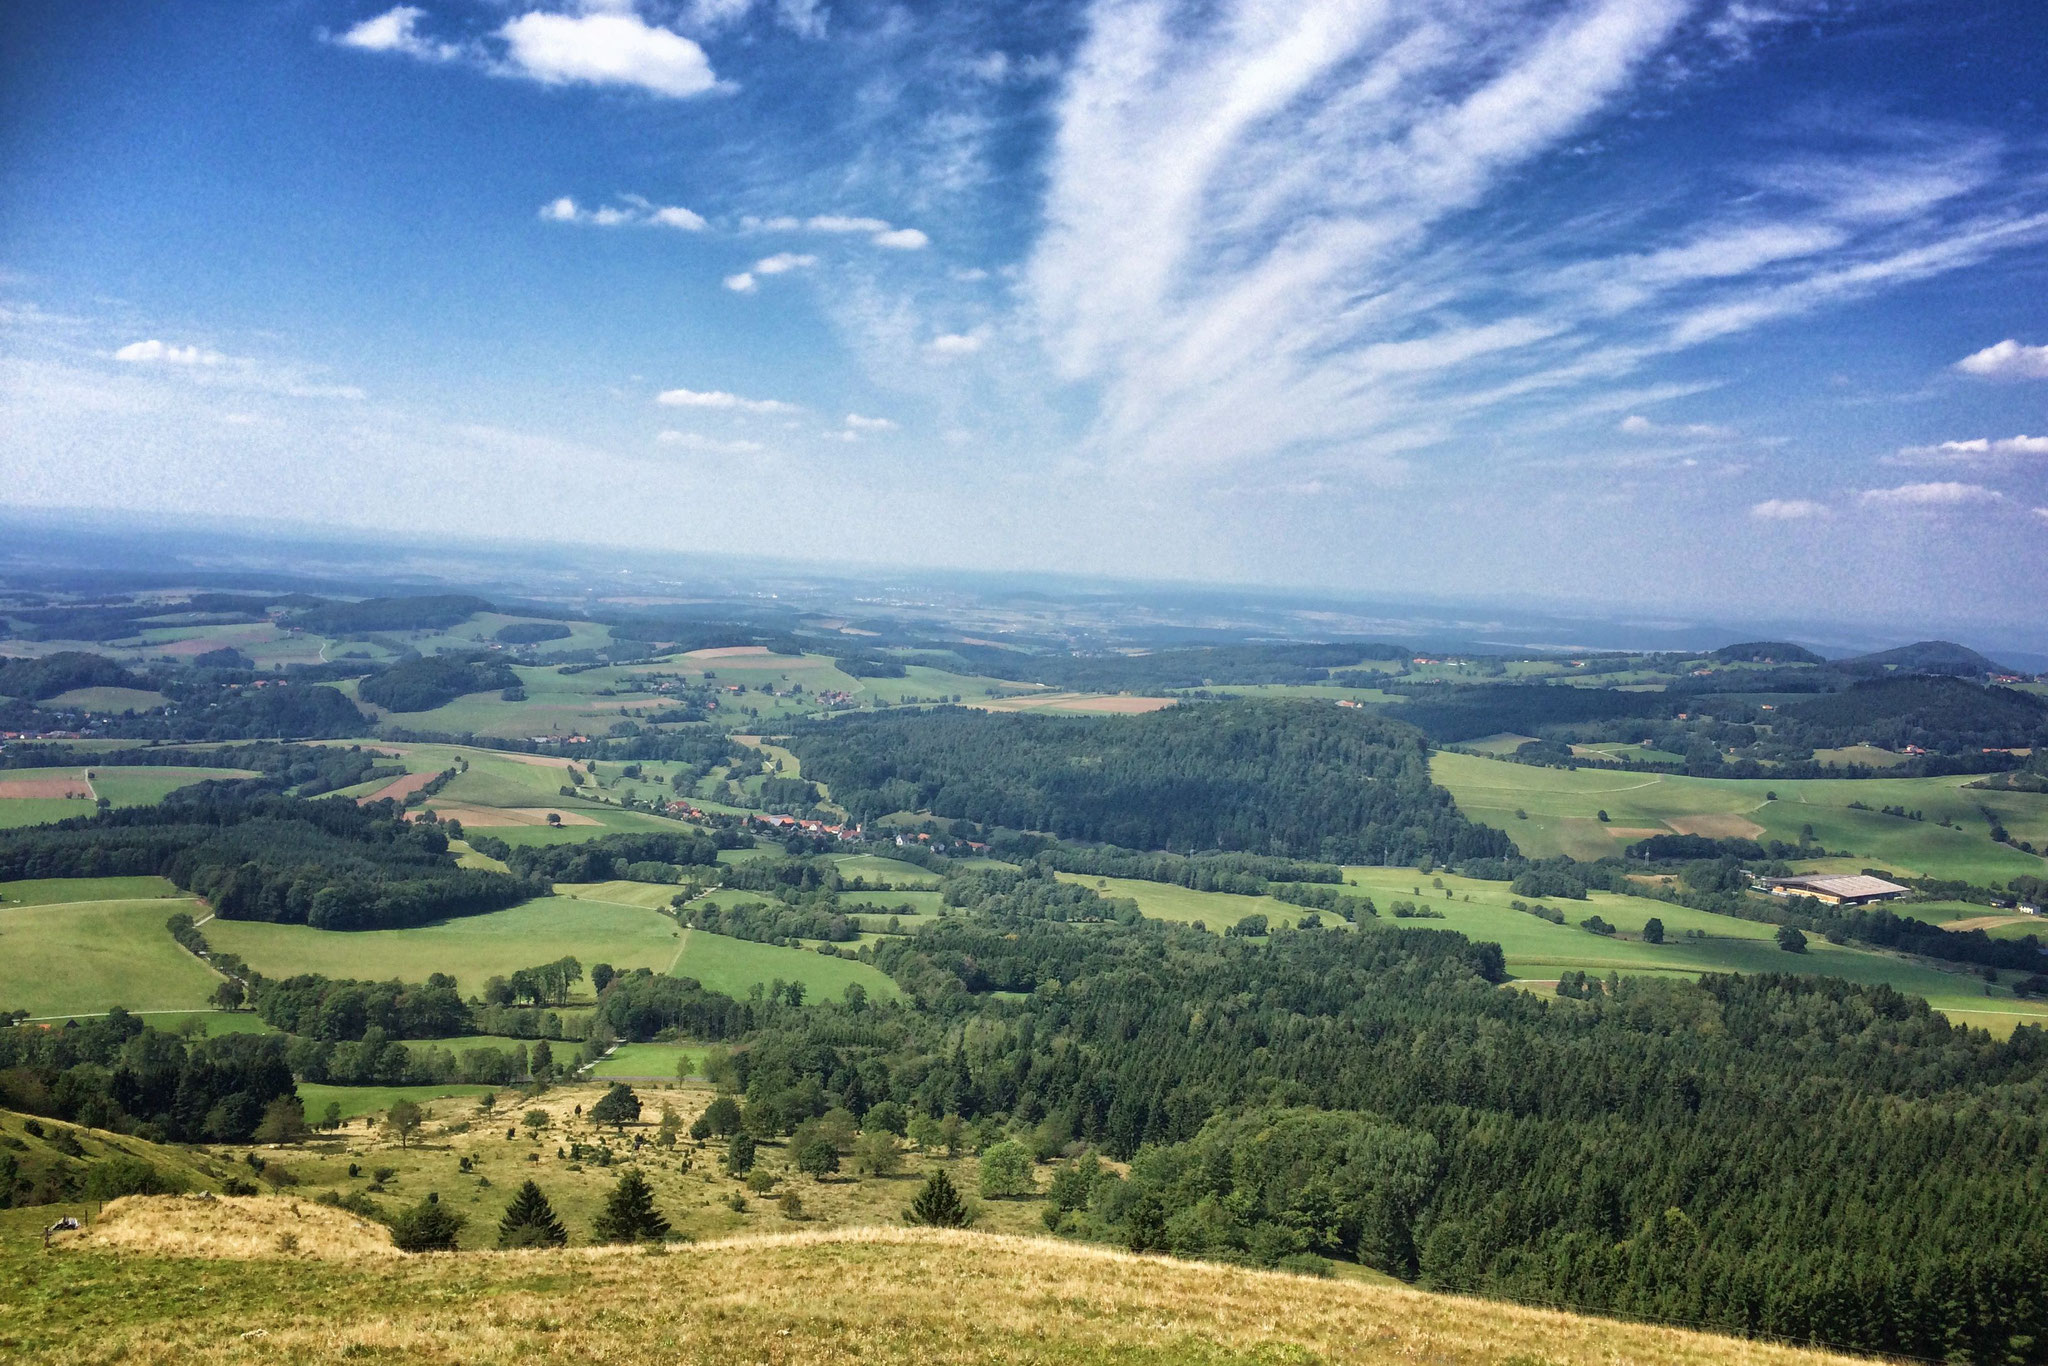 Wandergebiet Rhön - Pferdskopf